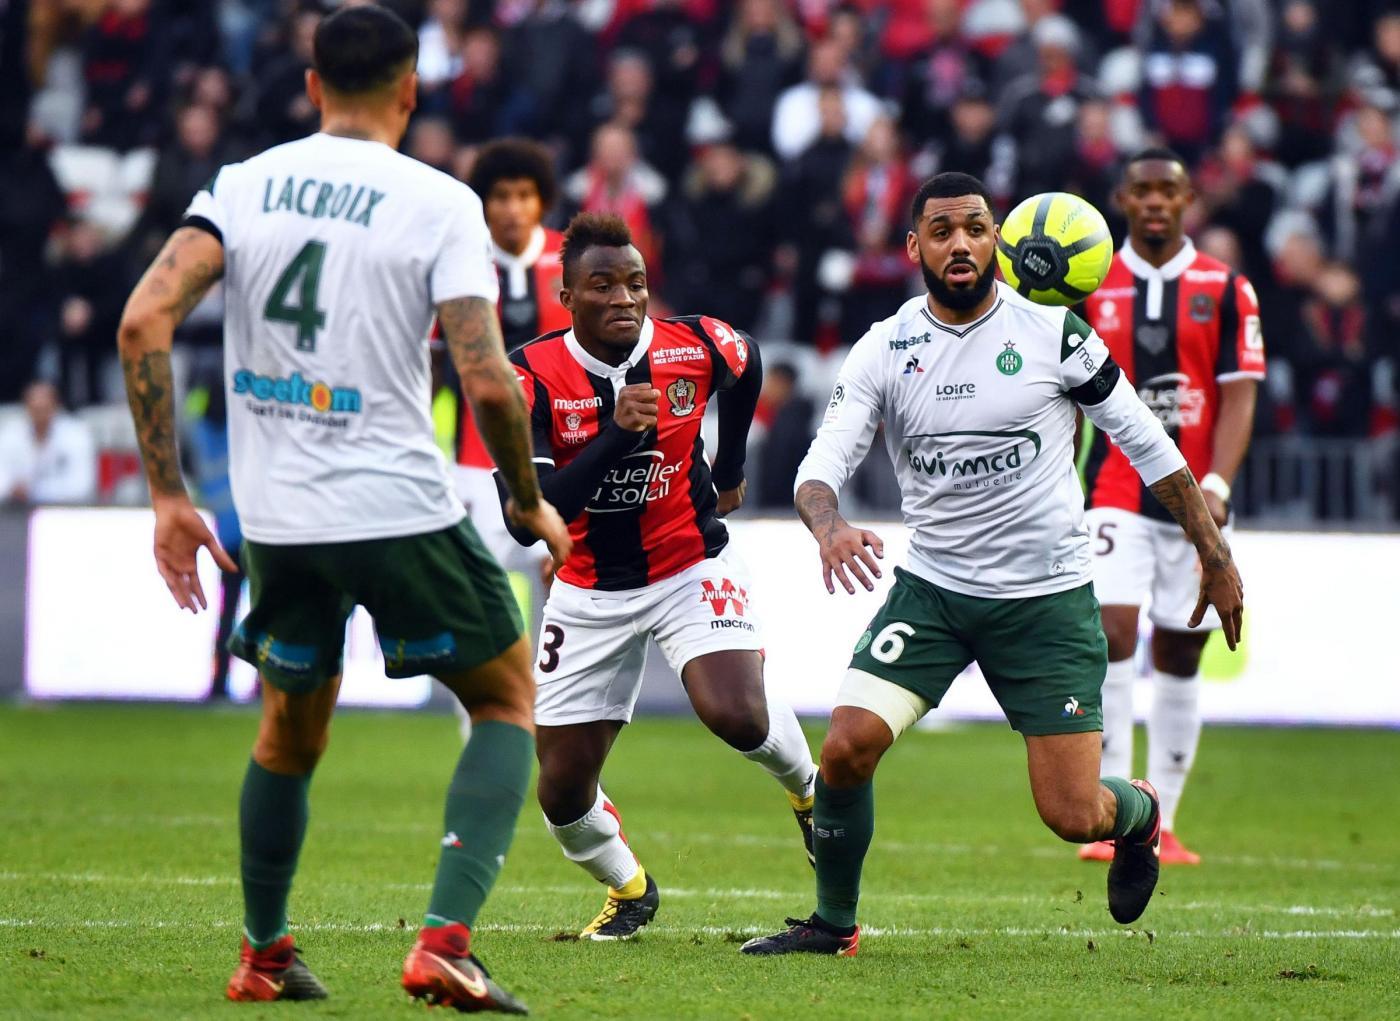 Ligue 1, St. Etienne-Nizza 18 maggio: analisi e pronostico della giornata della massima divisione calcistica francese